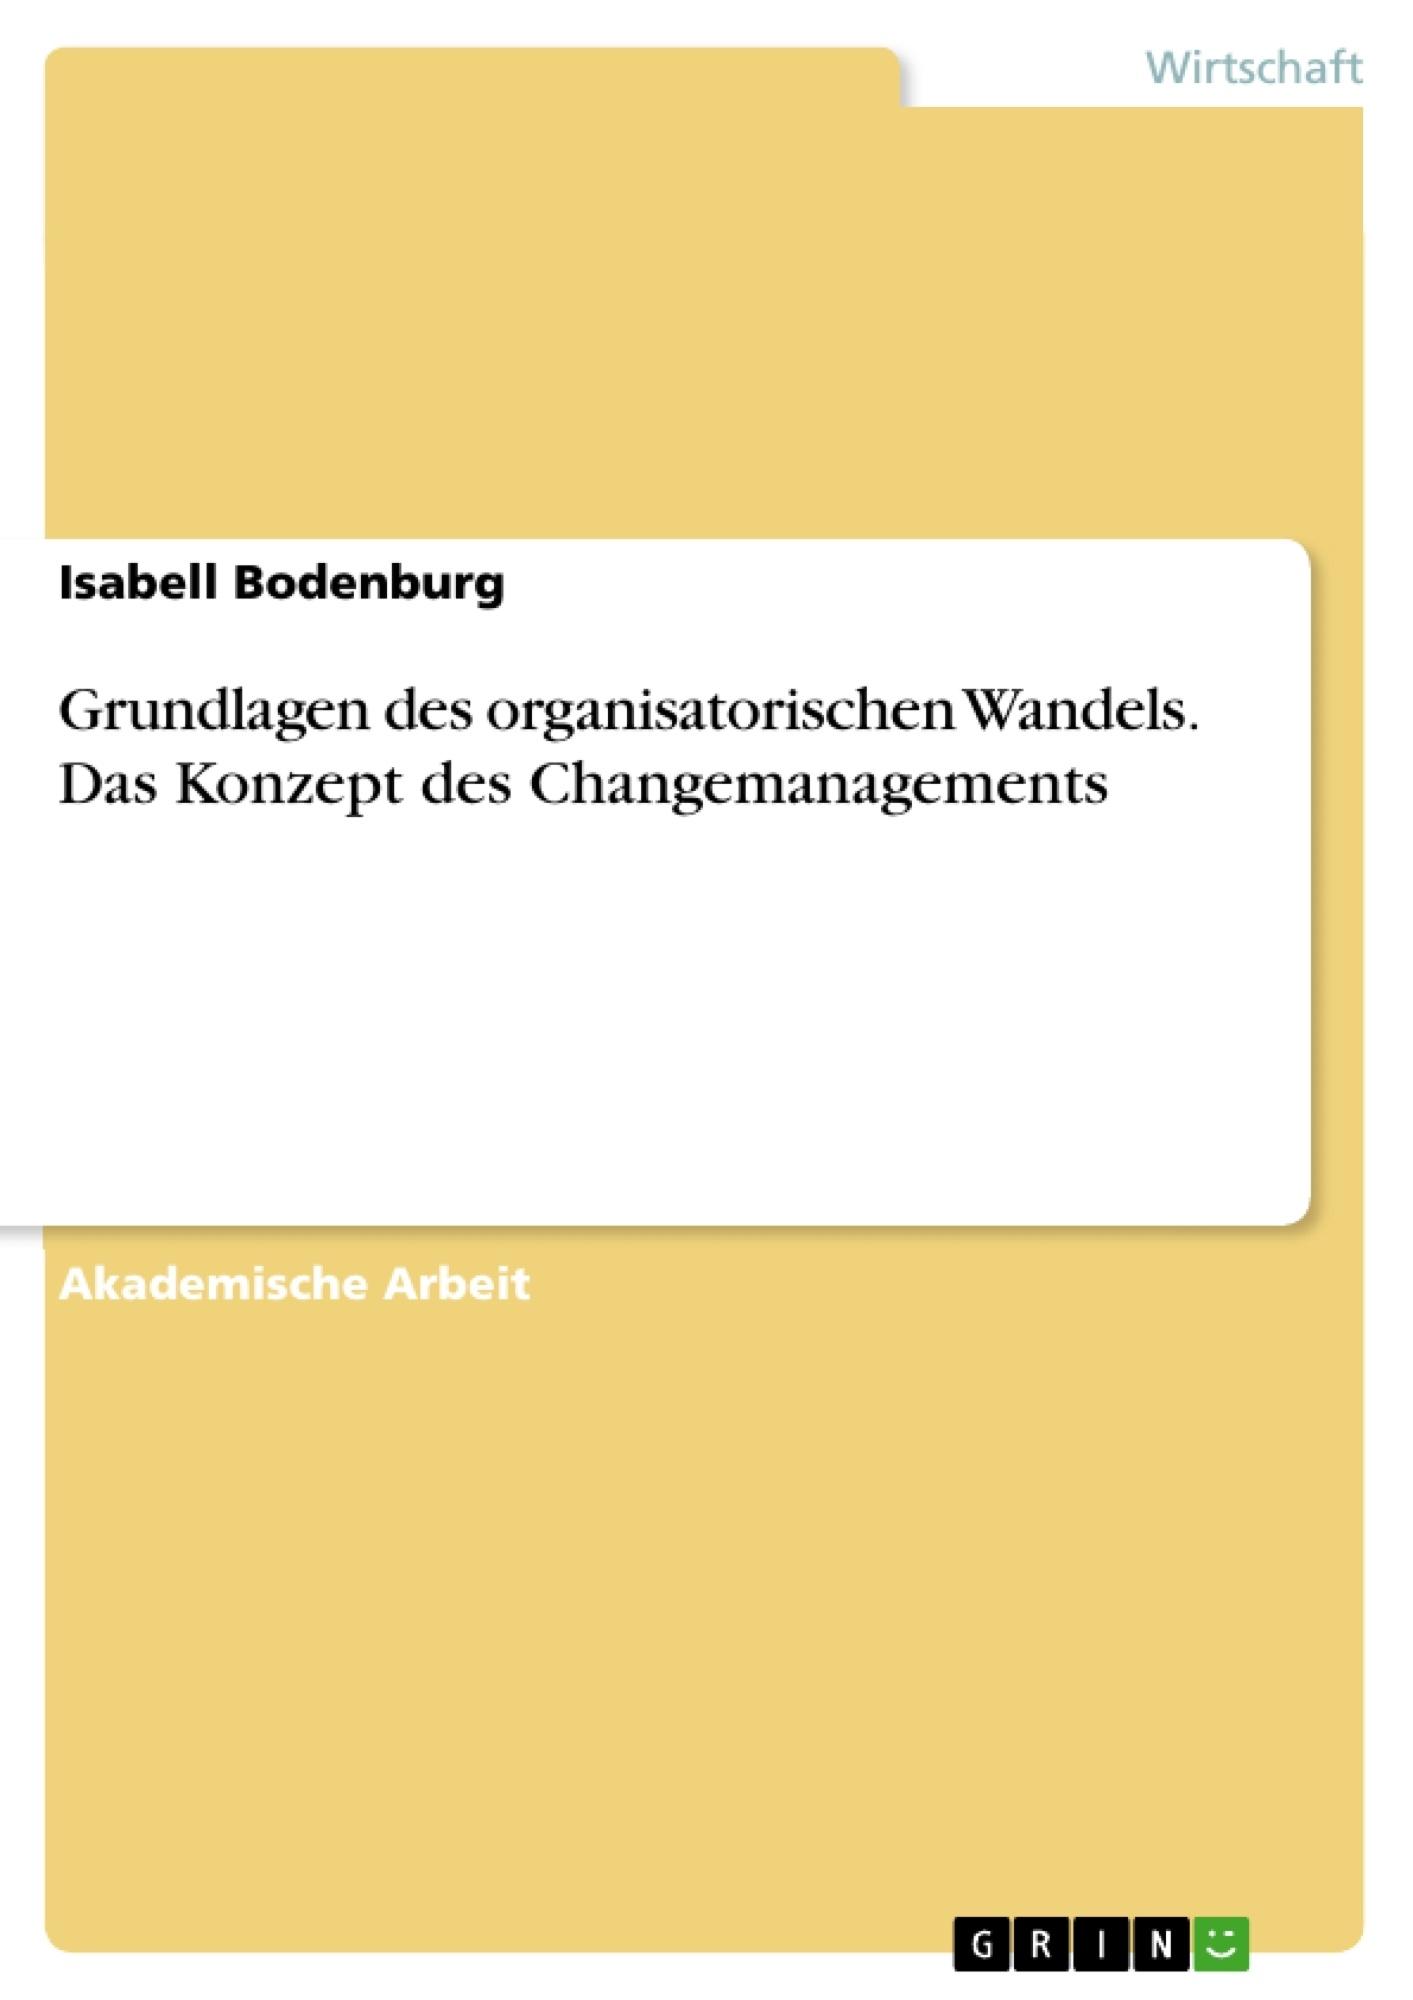 Titel: Grundlagen des organisatorischen Wandels. Das Konzept des Changemanagements